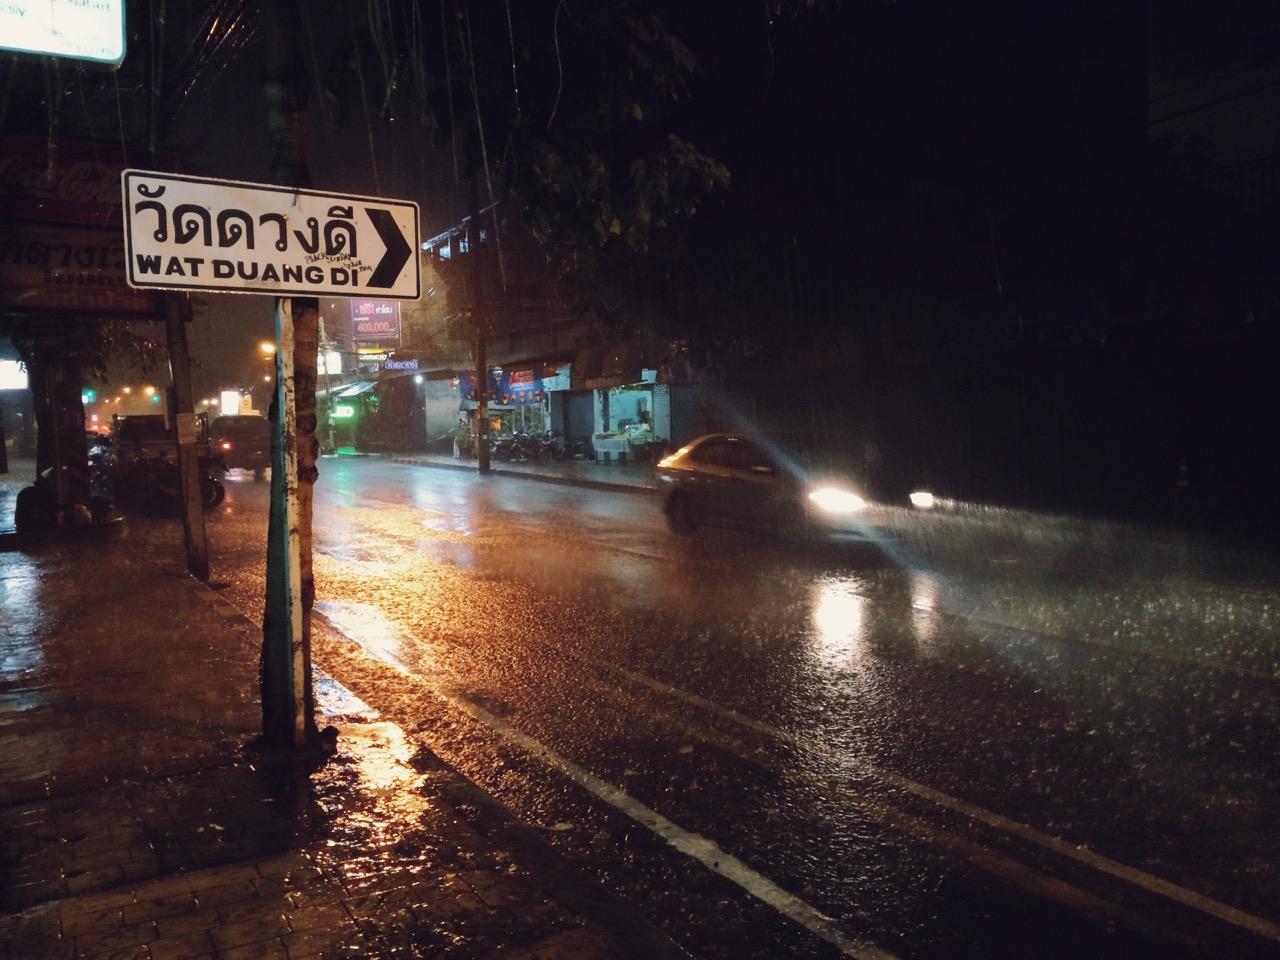 Путешествие по Таиланду, Чиангмай: Конец мая — начало сезона дождей